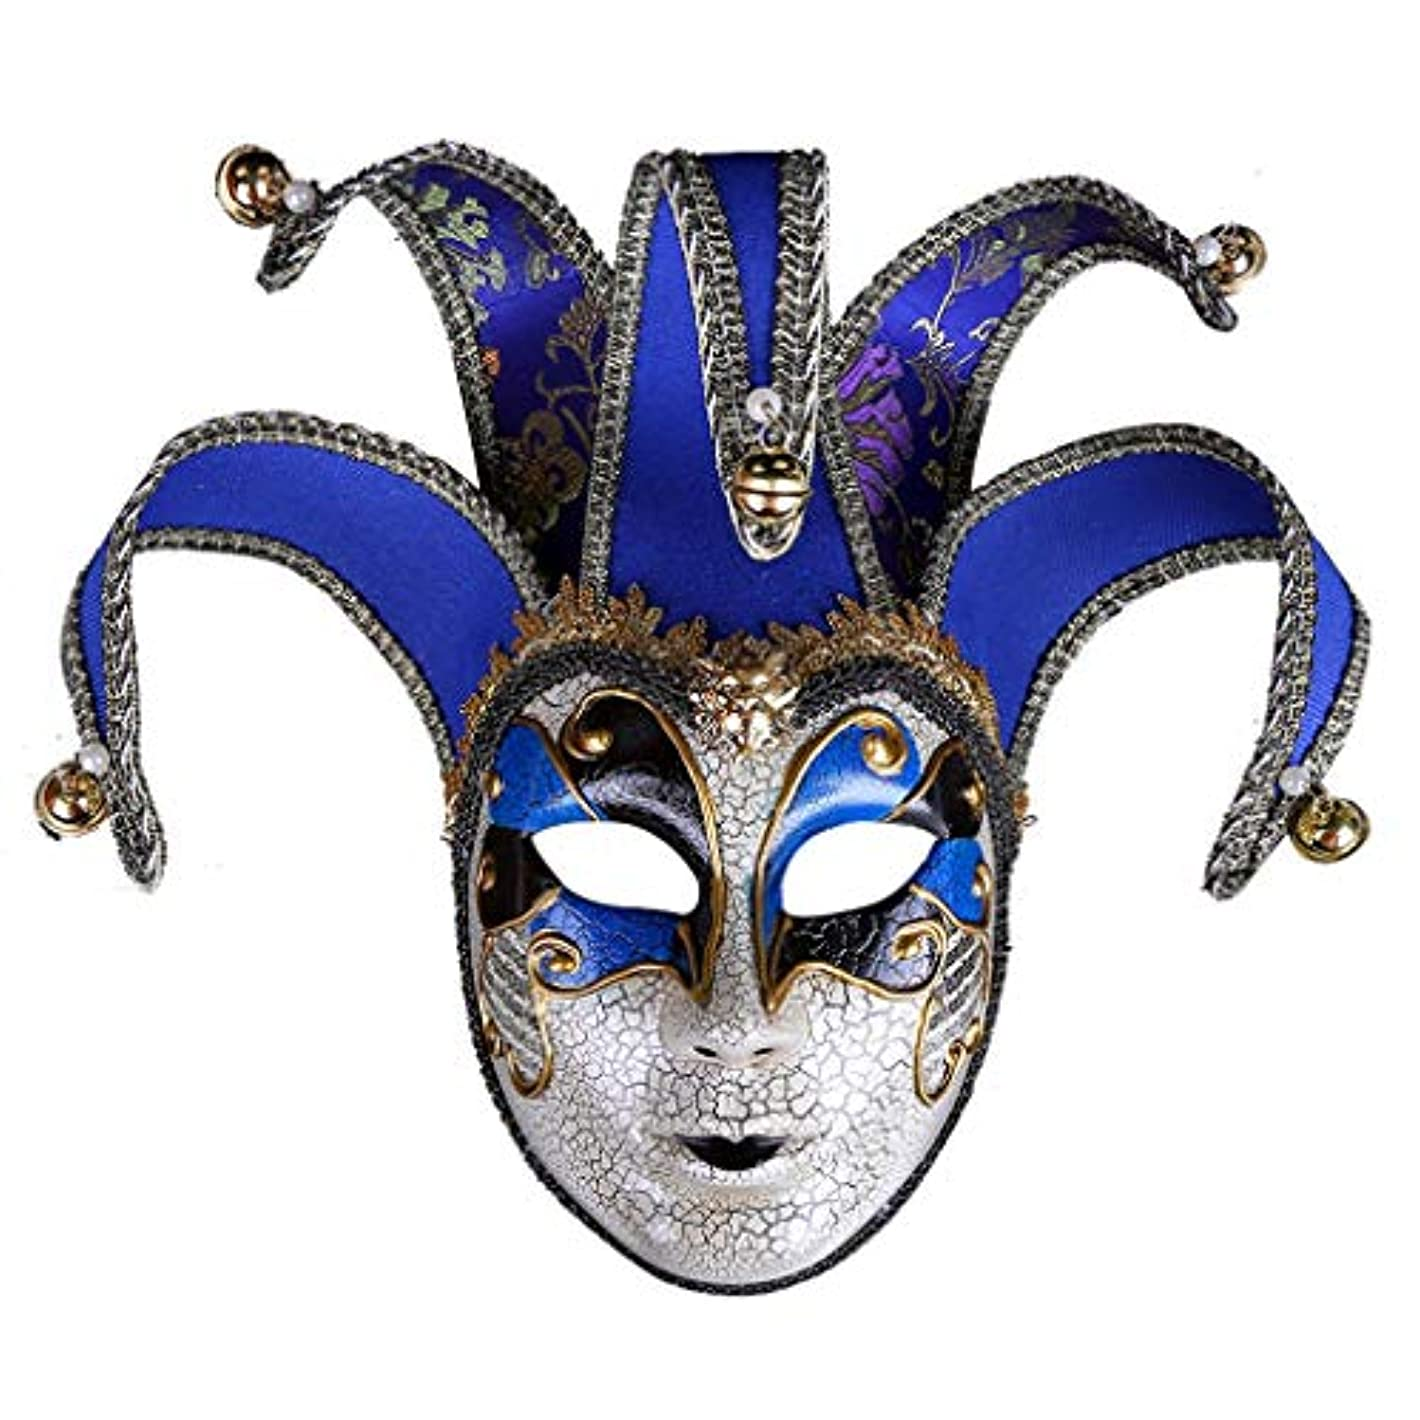 バクテリアにじみ出る急性ハロウィンマスクヴィンテージマスク女性のアダルトマスクヴェネツィアフェスティバルプロップフェイスデコレーション仮装クリエイティブマスク (Color : BLUE)